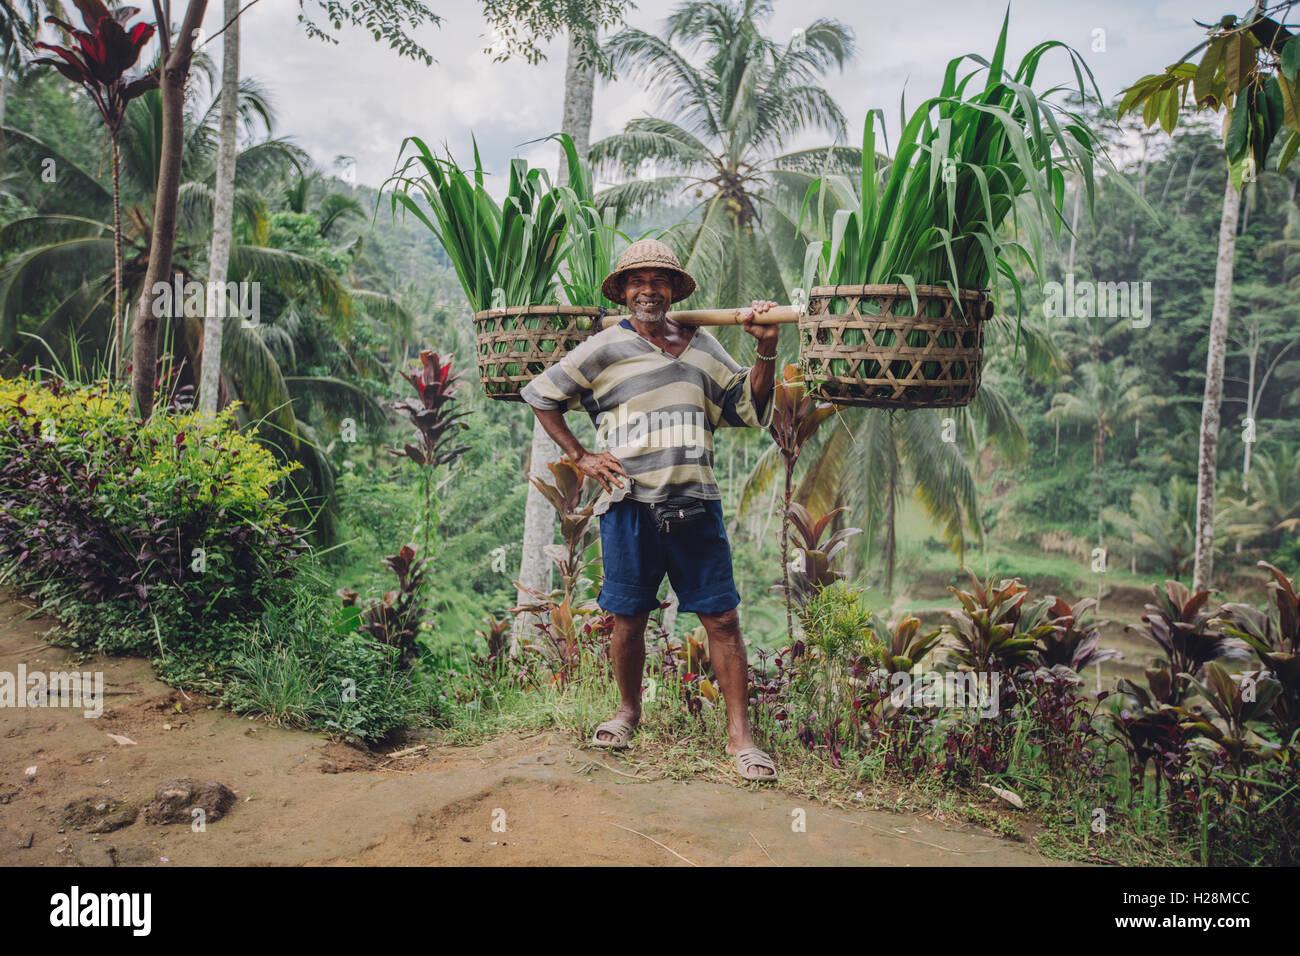 Longueur totale de l'homme tourné confiant la réalisation de semis sur ses épaules. Senior male Photo Stock